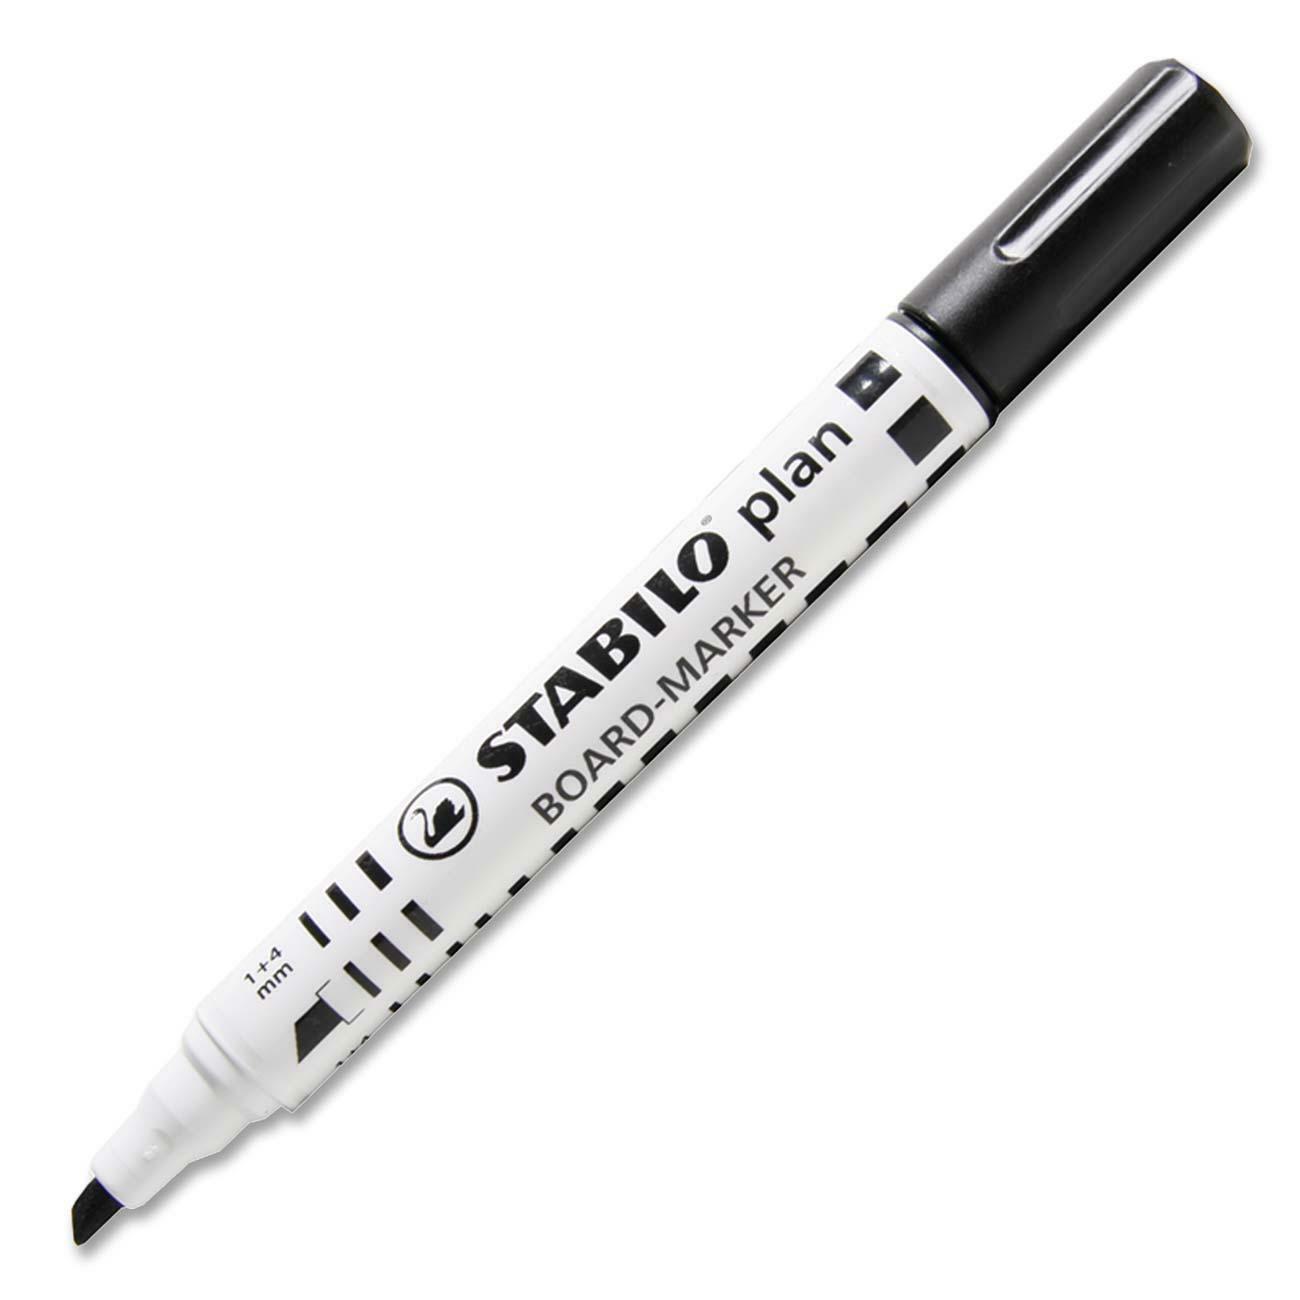 Schwan-STABILO Plan 64 Broad Whiteboard Marker --SWSS6546